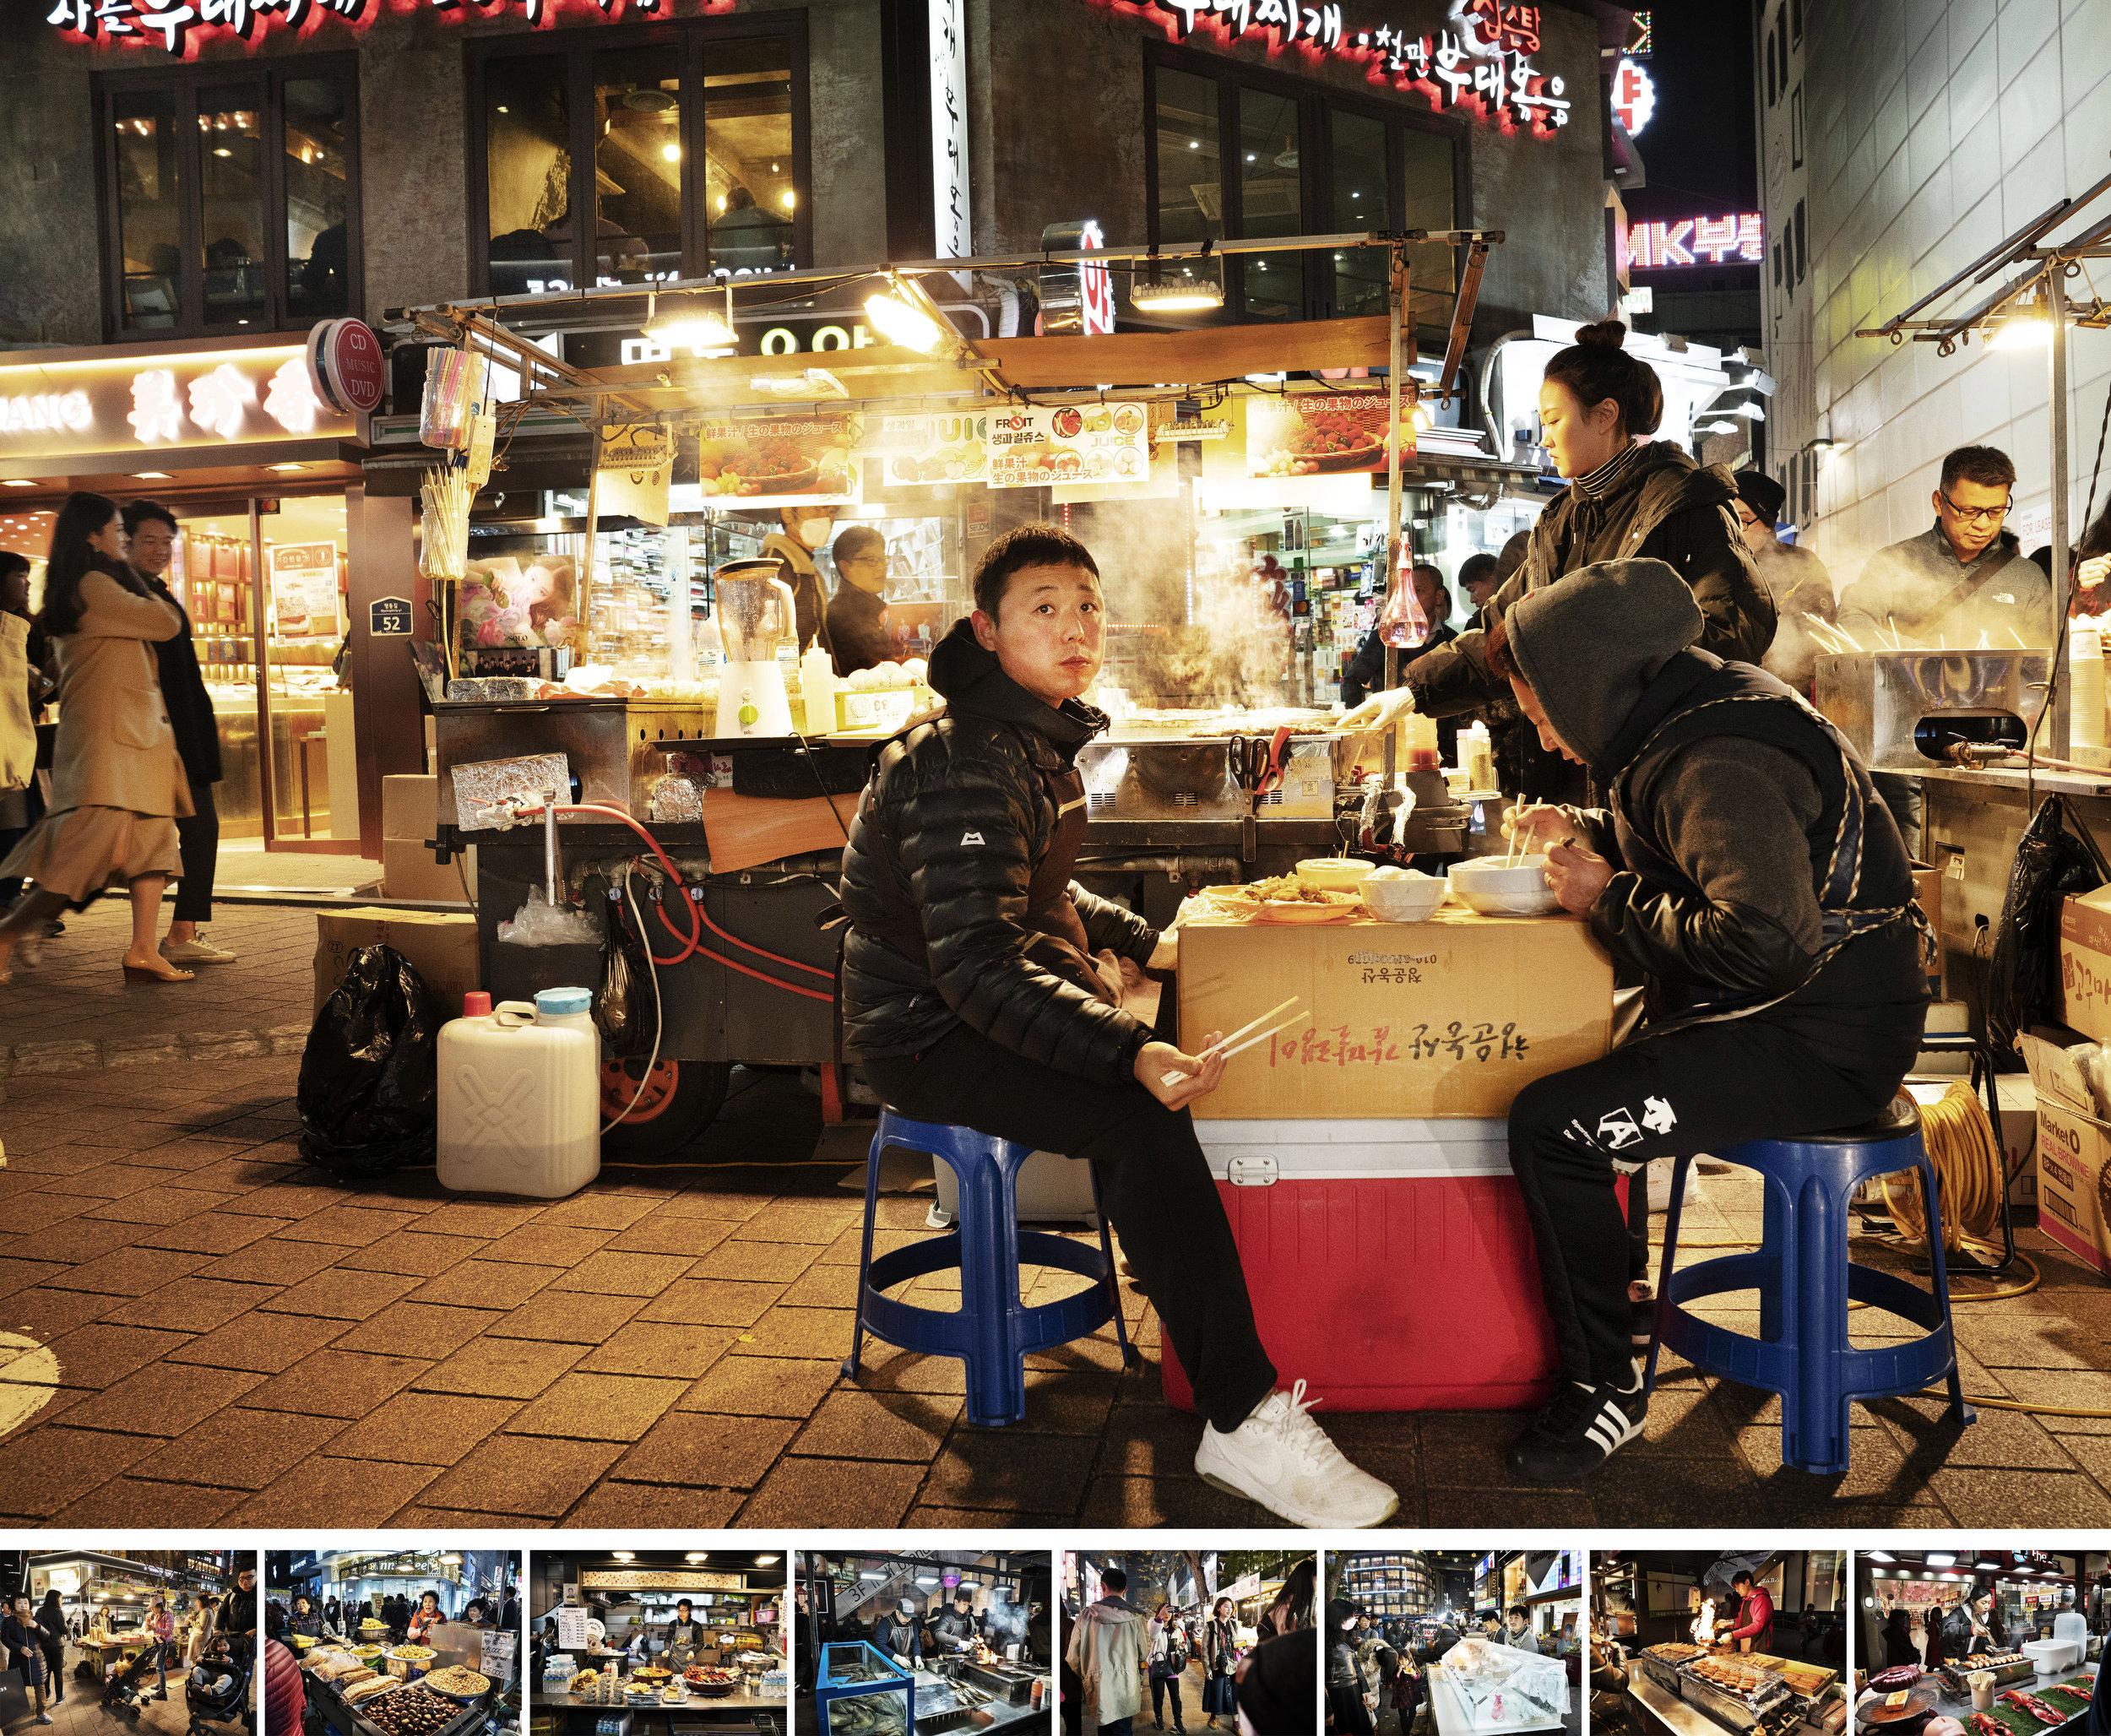 """Seoul Food - フォト・ドキュメンタリー制作物:スチール""""Seoul Food=ソウルの食文化""""は、ロケで韓国を訪れた際に明洞で見つけた、夜のフードマーケットの様子を記録したドキュメンタリー。カラフルなファッションのお店が立ち並ぶエリアの中で、フードマーケットは多くの人々を引き寄せ、独特の存在感を放っていた。あらゆる種類の食べ物が溢れ、蜜の壺に群がる蜂のように、人々が吸い寄せられていく。楽しい夜が過ごせる場所だ。"""